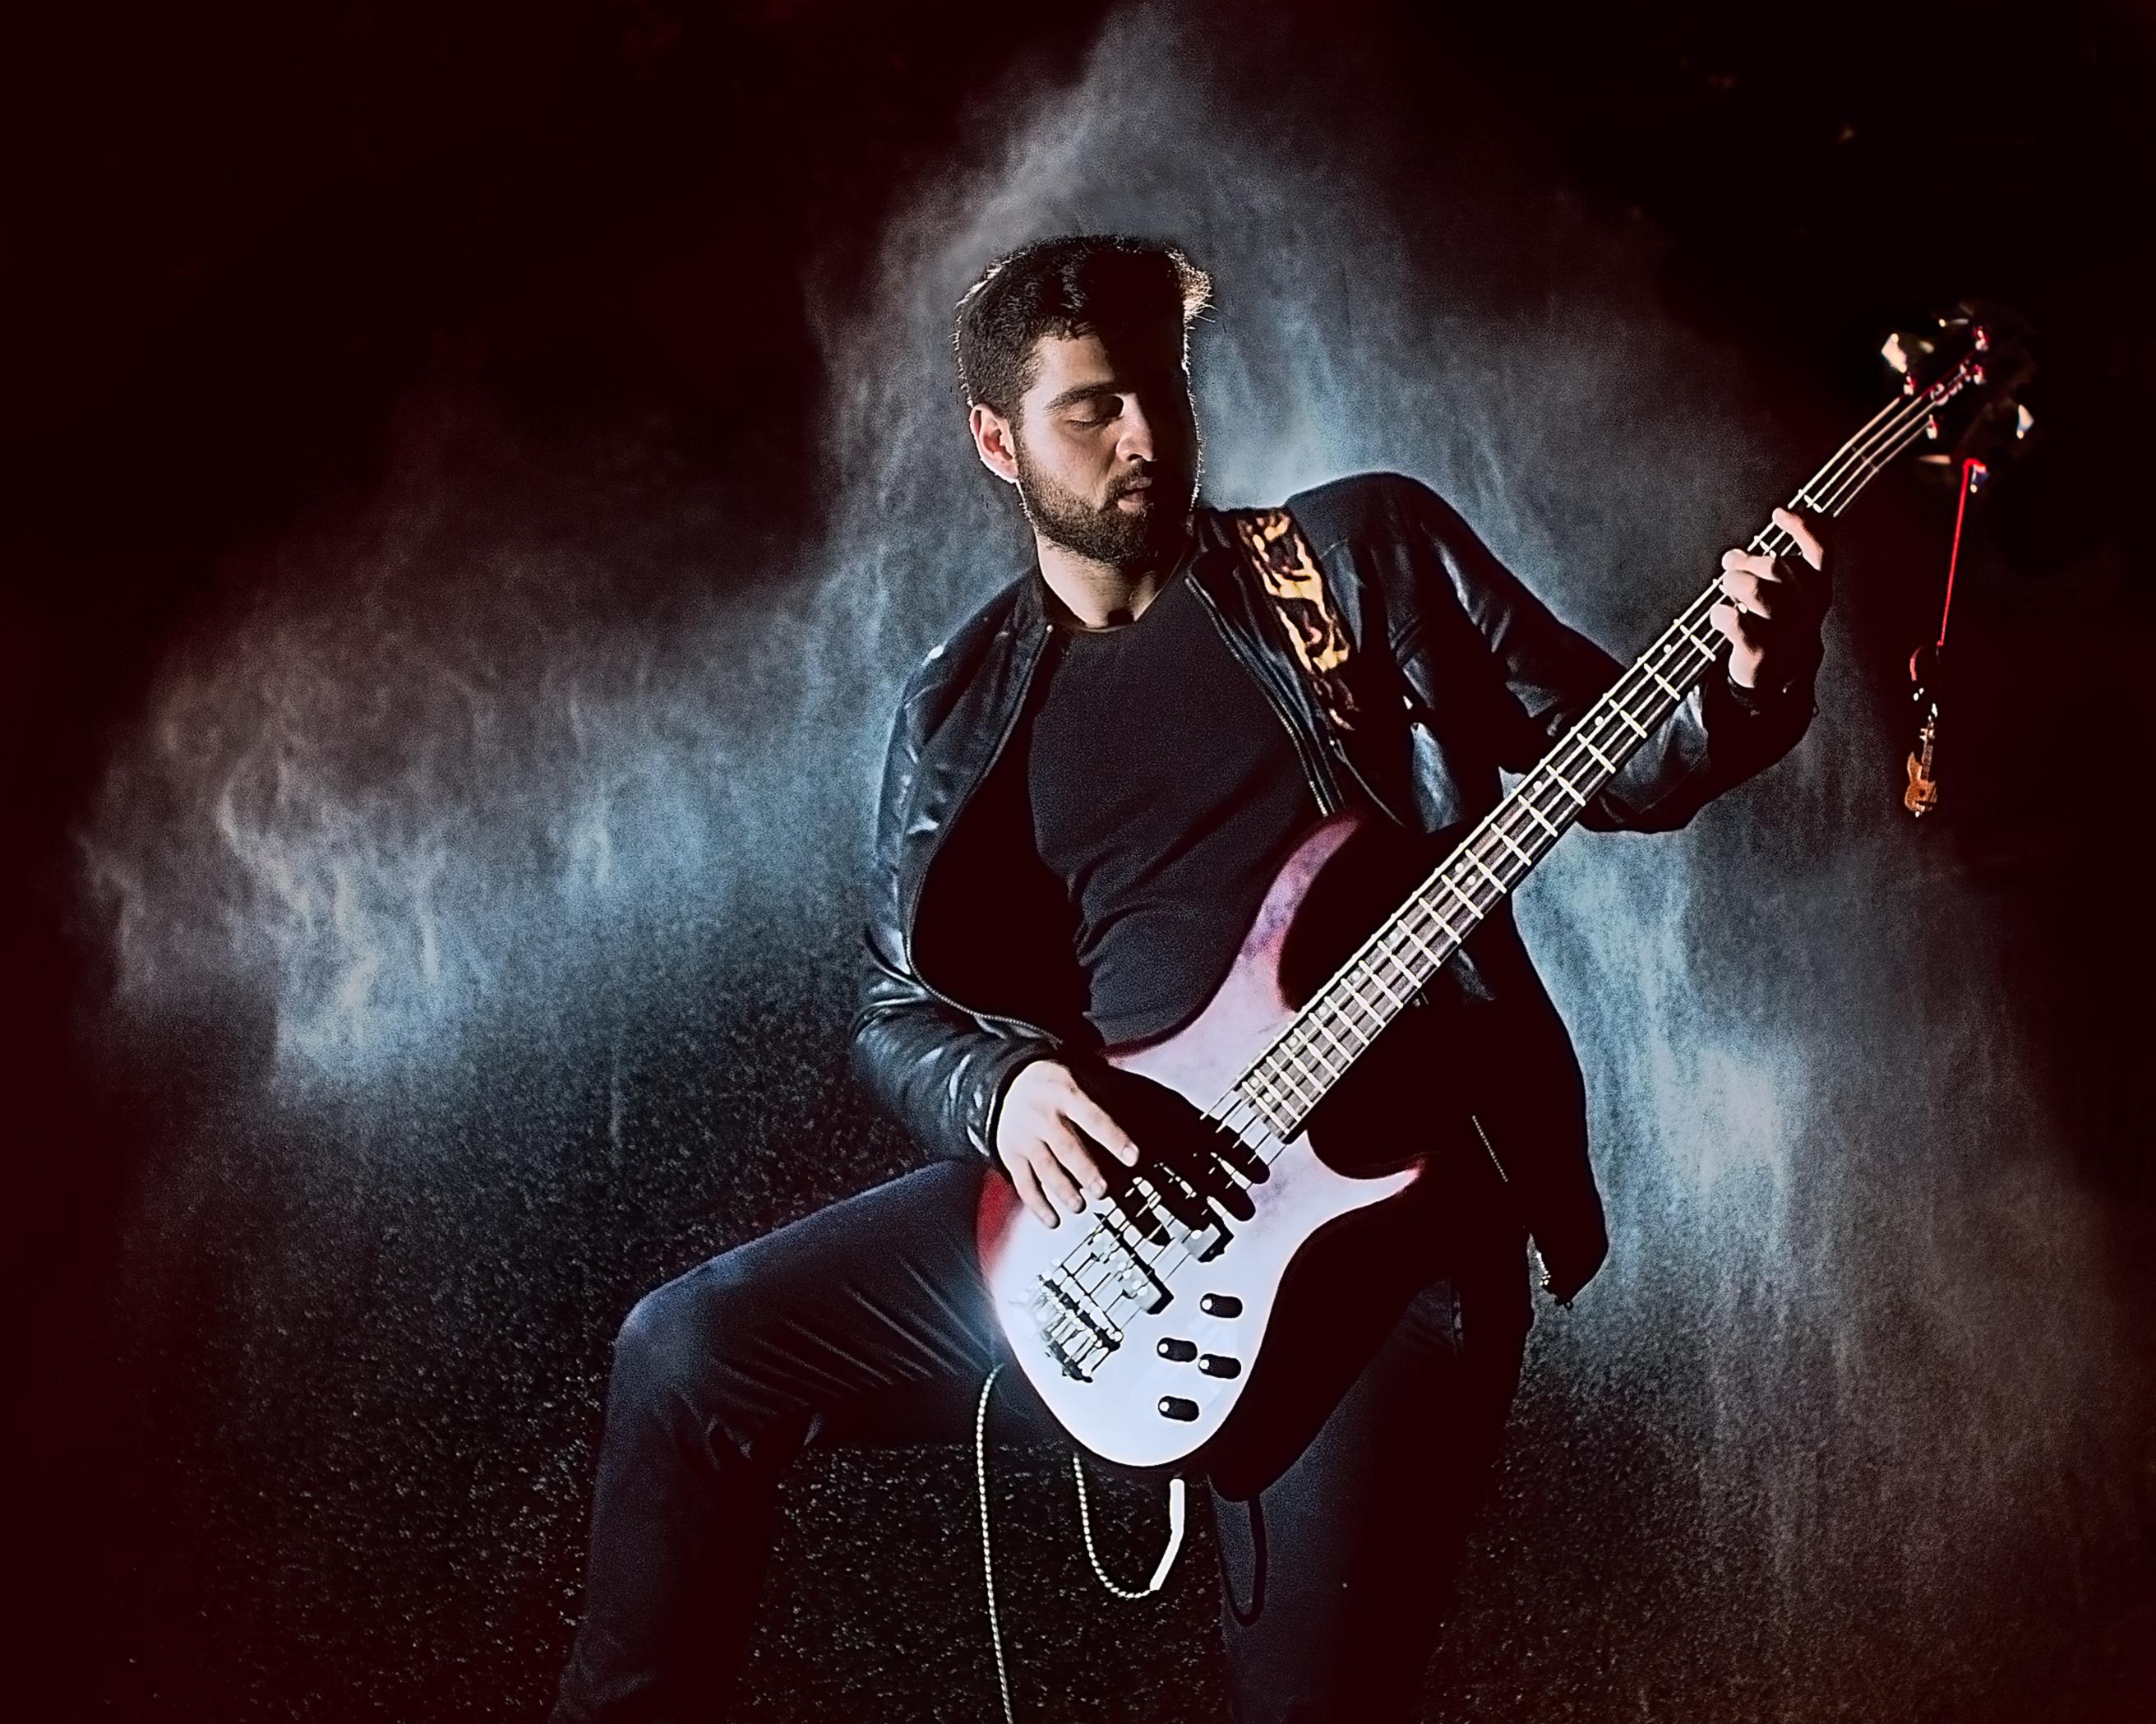 Программа гитарист скачать бесплатно